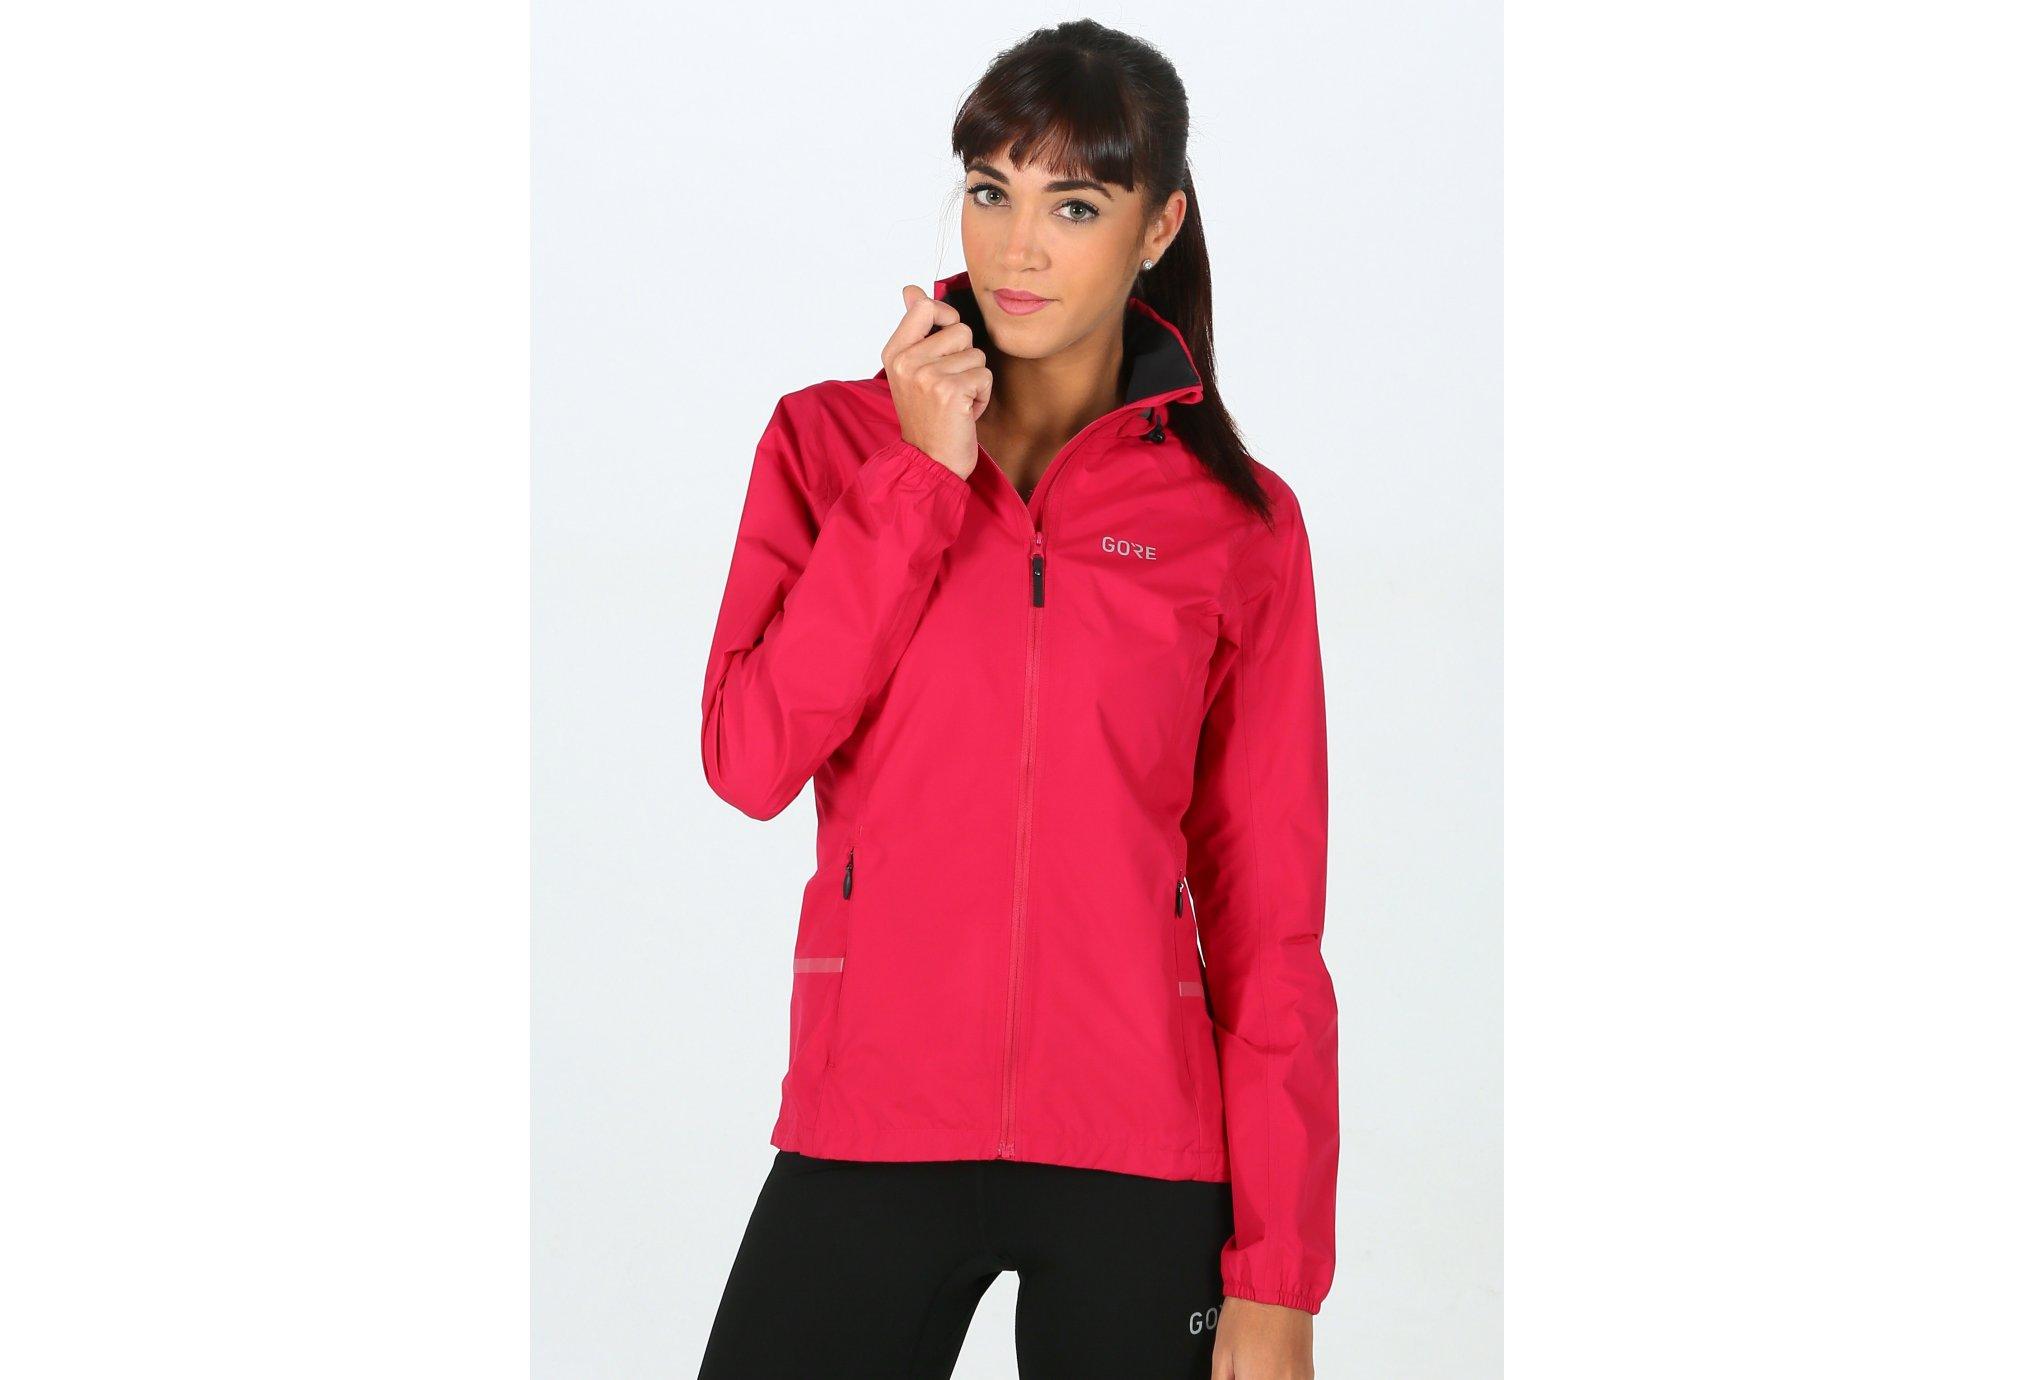 Gore Wear R7 Gore WindStopper W Diététique Vêtements femme